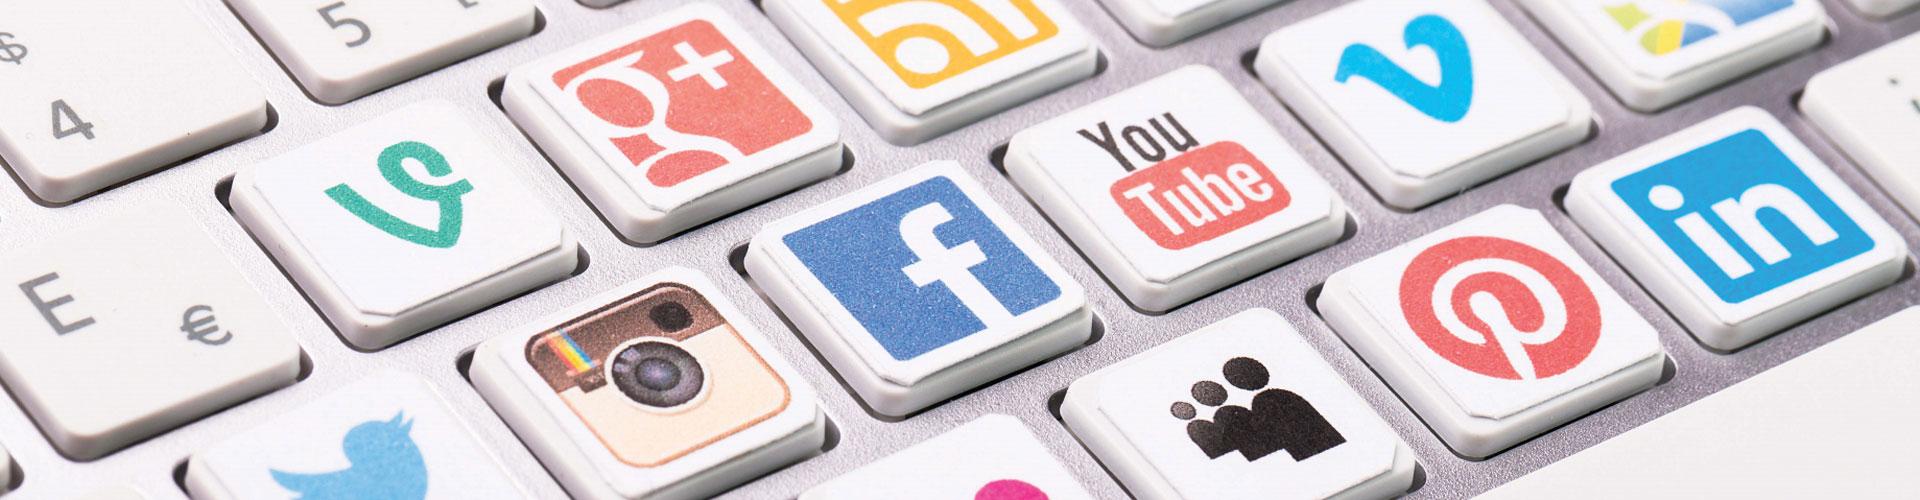 Der Weg in die Zukunft. Handwerk und Social Media.